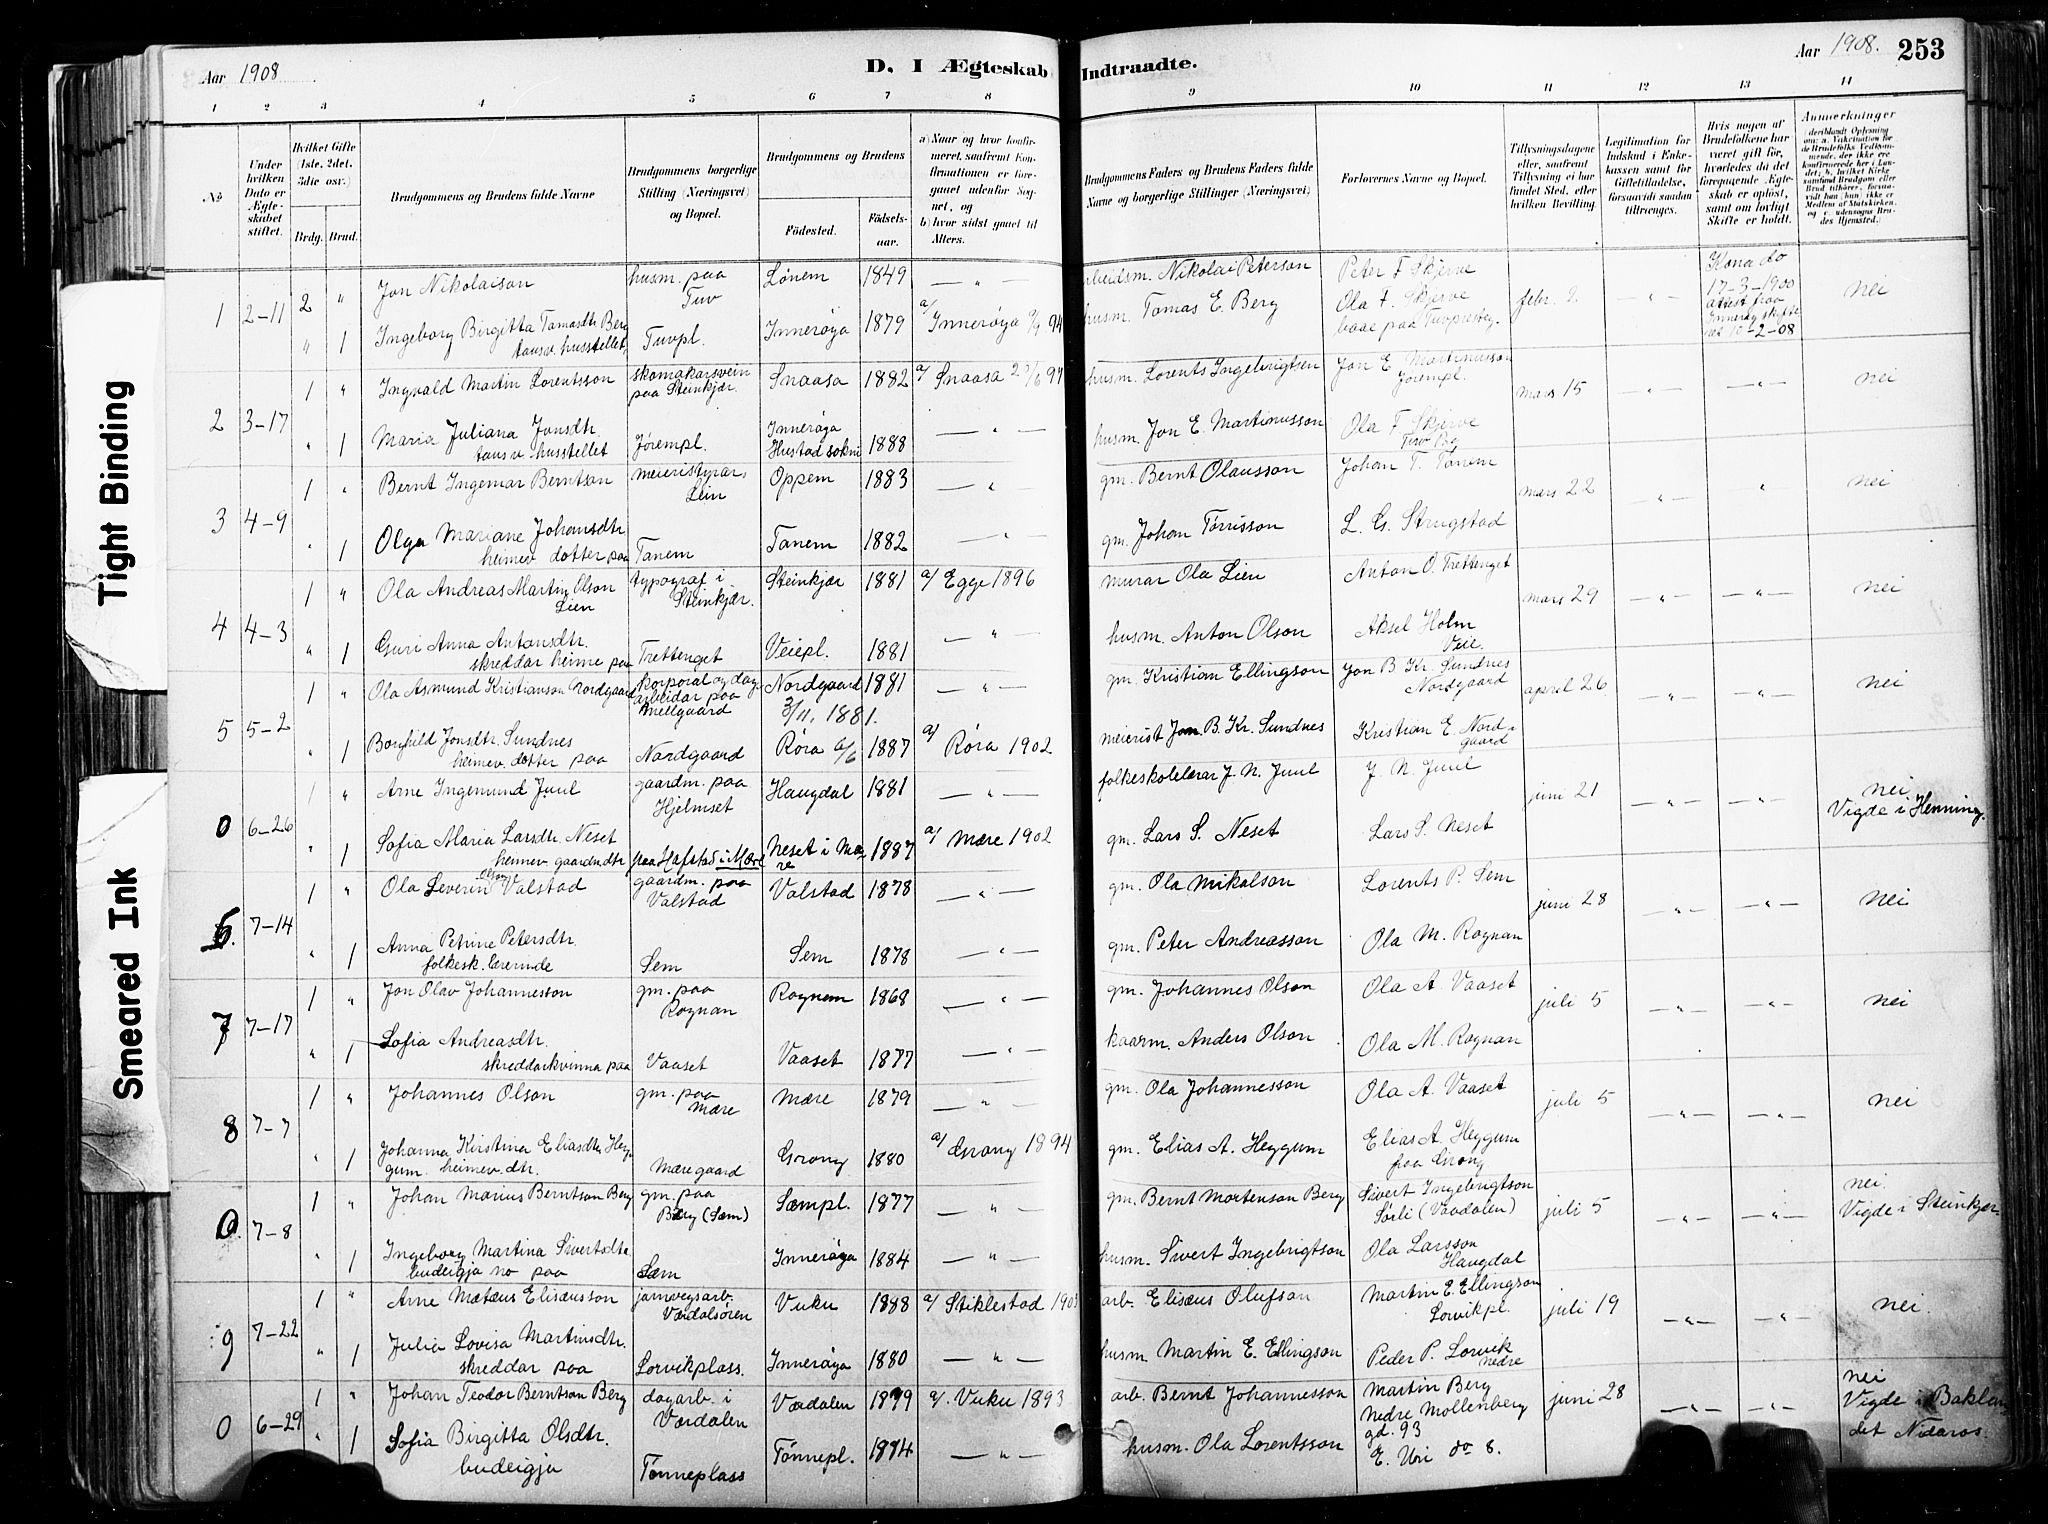 SAT, Ministerialprotokoller, klokkerbøker og fødselsregistre - Nord-Trøndelag, 735/L0351: Ministerialbok nr. 735A10, 1884-1908, s. 253